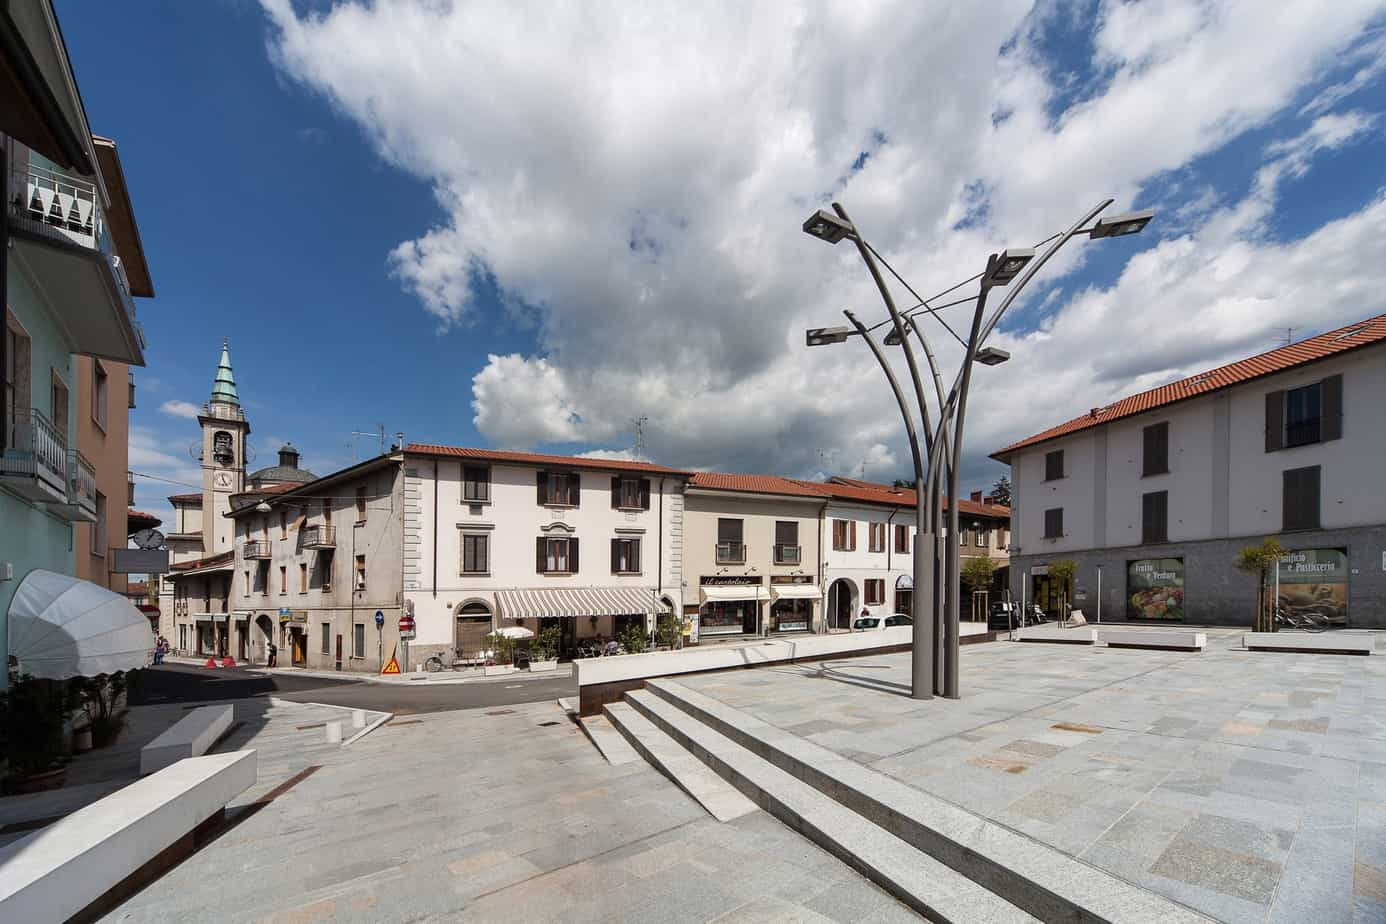 """Una pavimentazione di pregio in un contesto storico in Brianza (Bernareggio, MB) realizzata con lastre di Pietra di Luserna fiammata posate a correre e a casellario. La tecnica di posa utilizzata è """"fresco su fresco"""""""